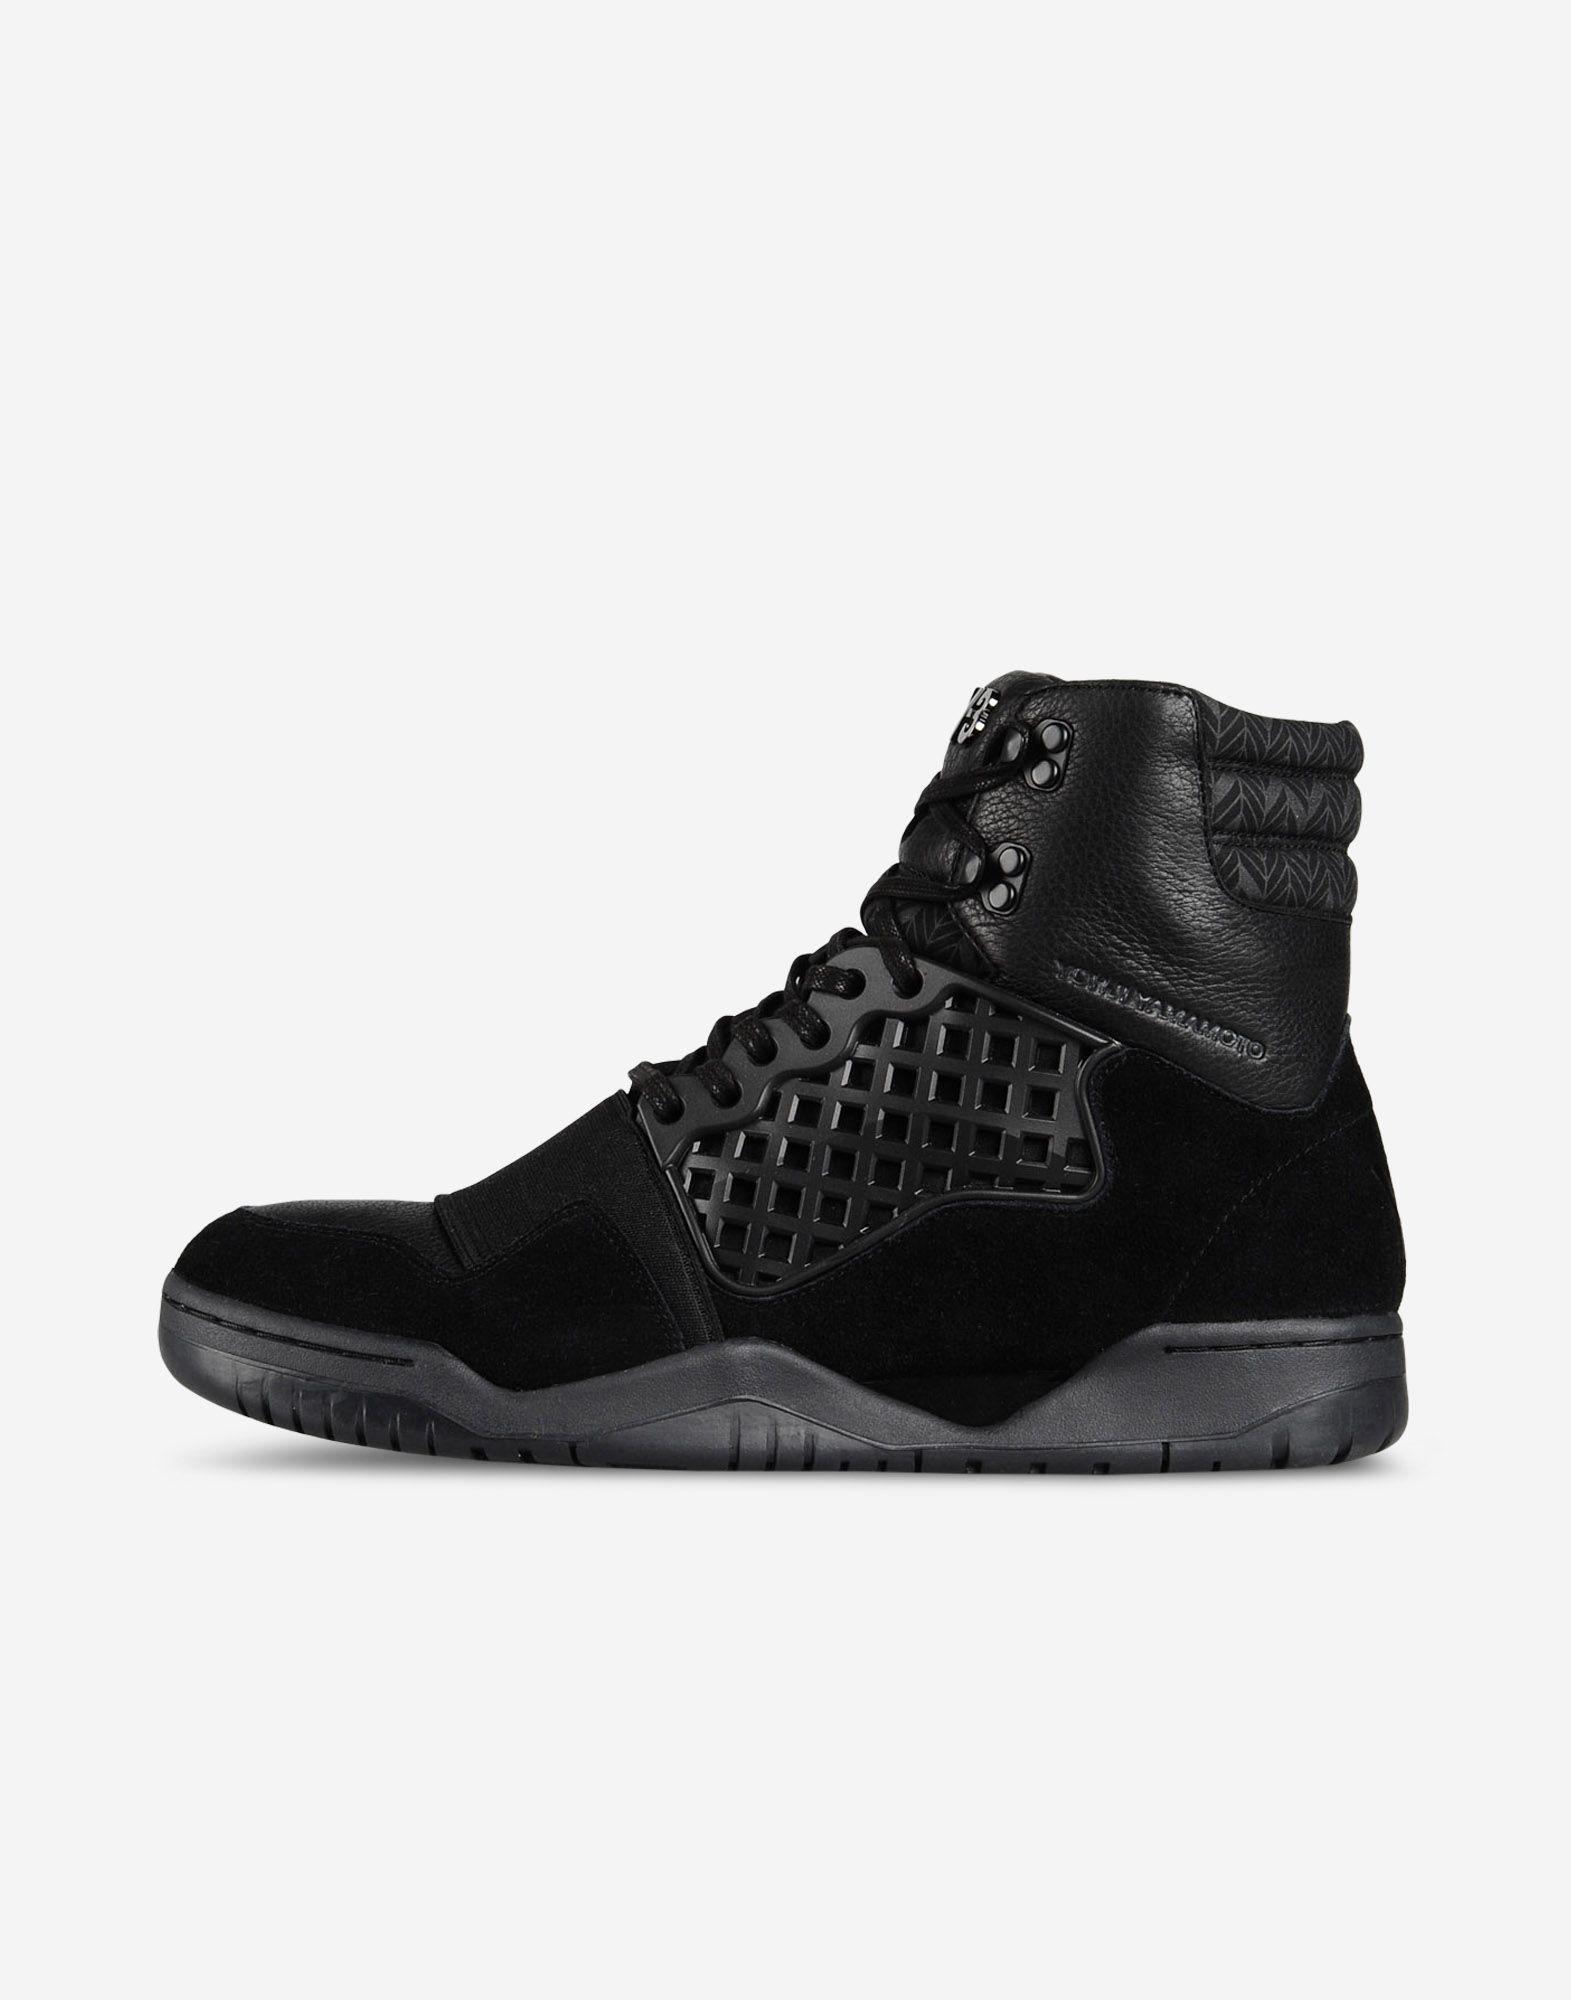 watch fe2a7 cfa9c ... Y-3 Y-3 HELD ENFORCER High-top sneakers Man ...